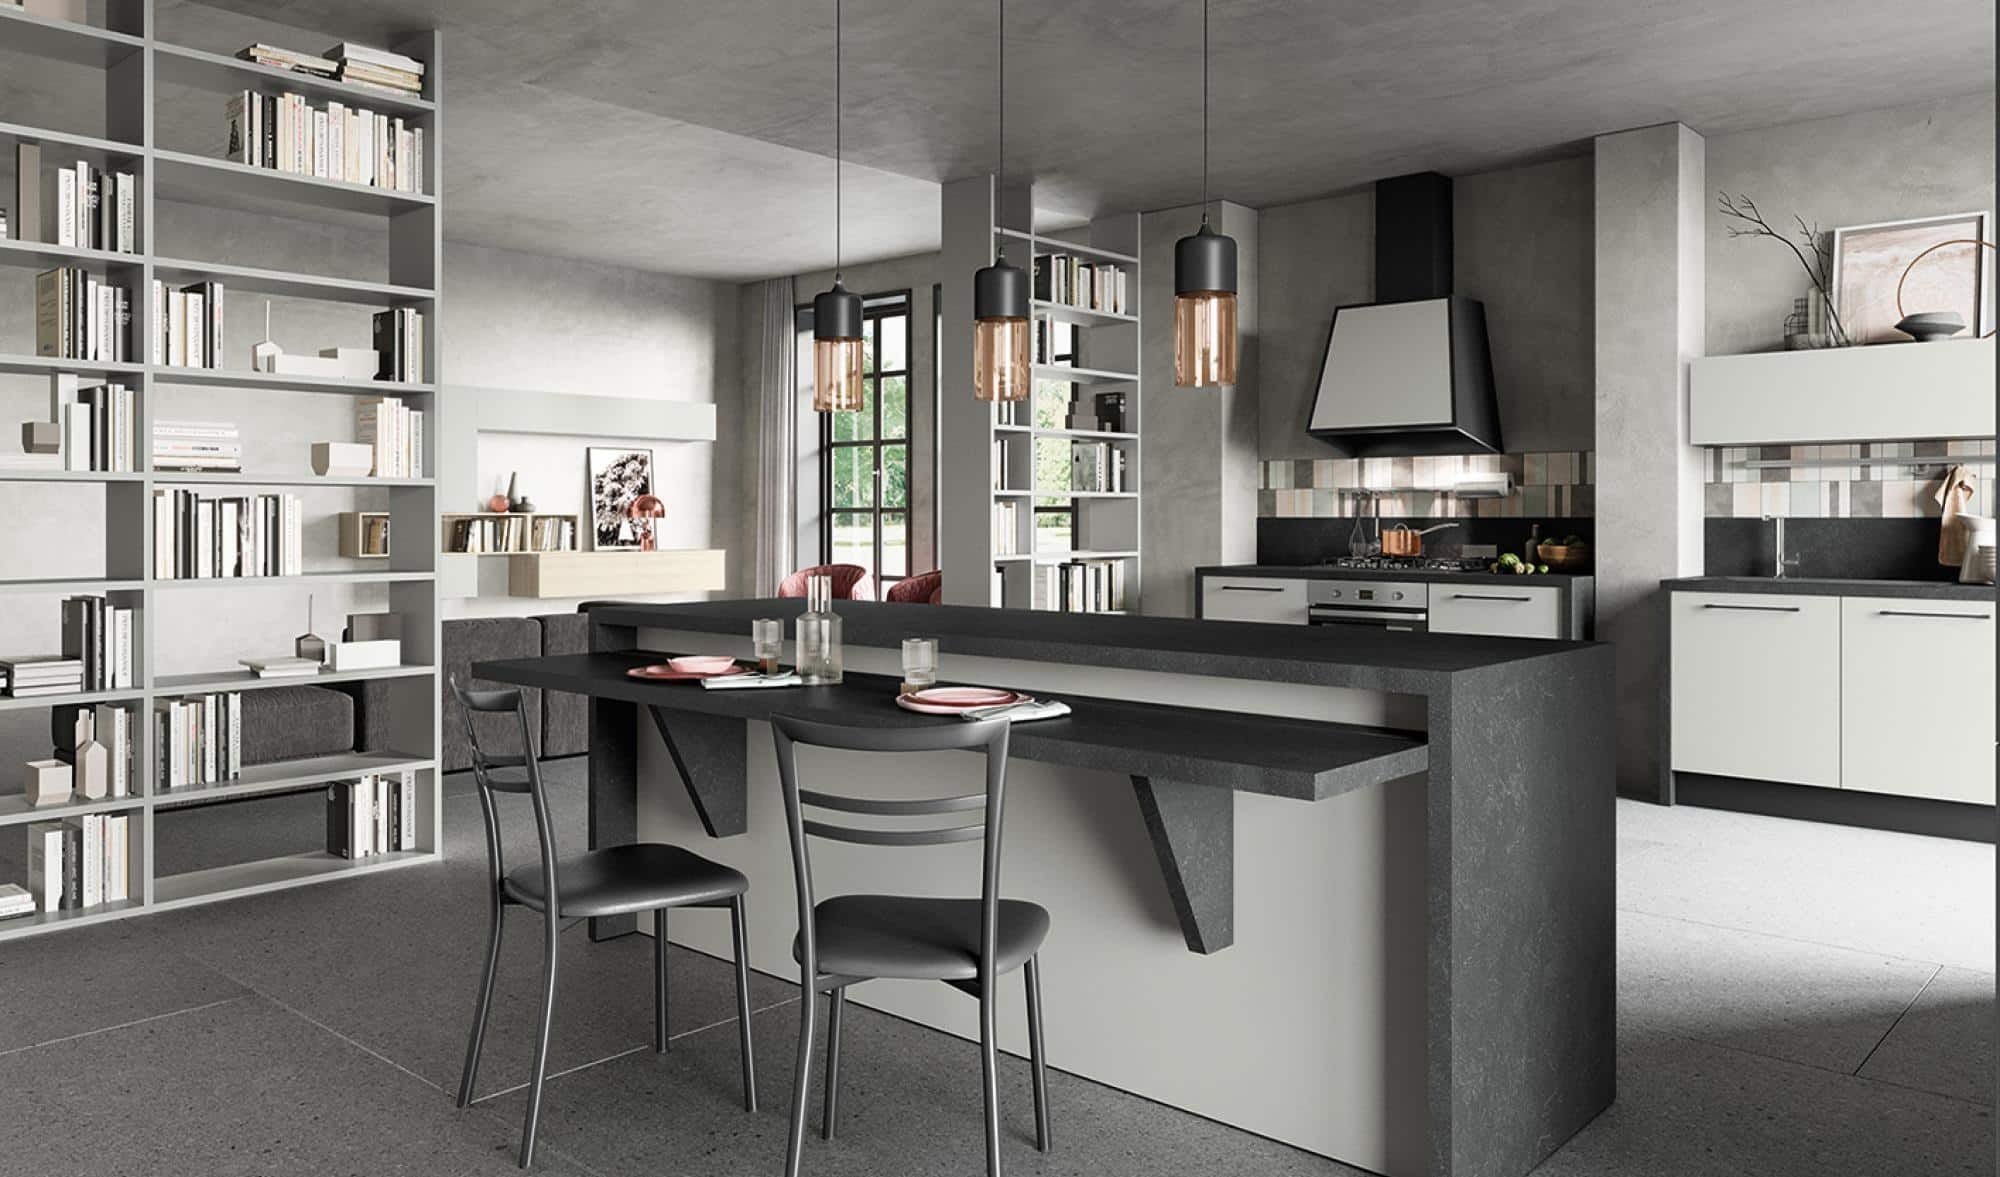 Κουζινα μελαμινης σε γκρι dorian με βιτρινες ανθρακι και παγκο μαυρο